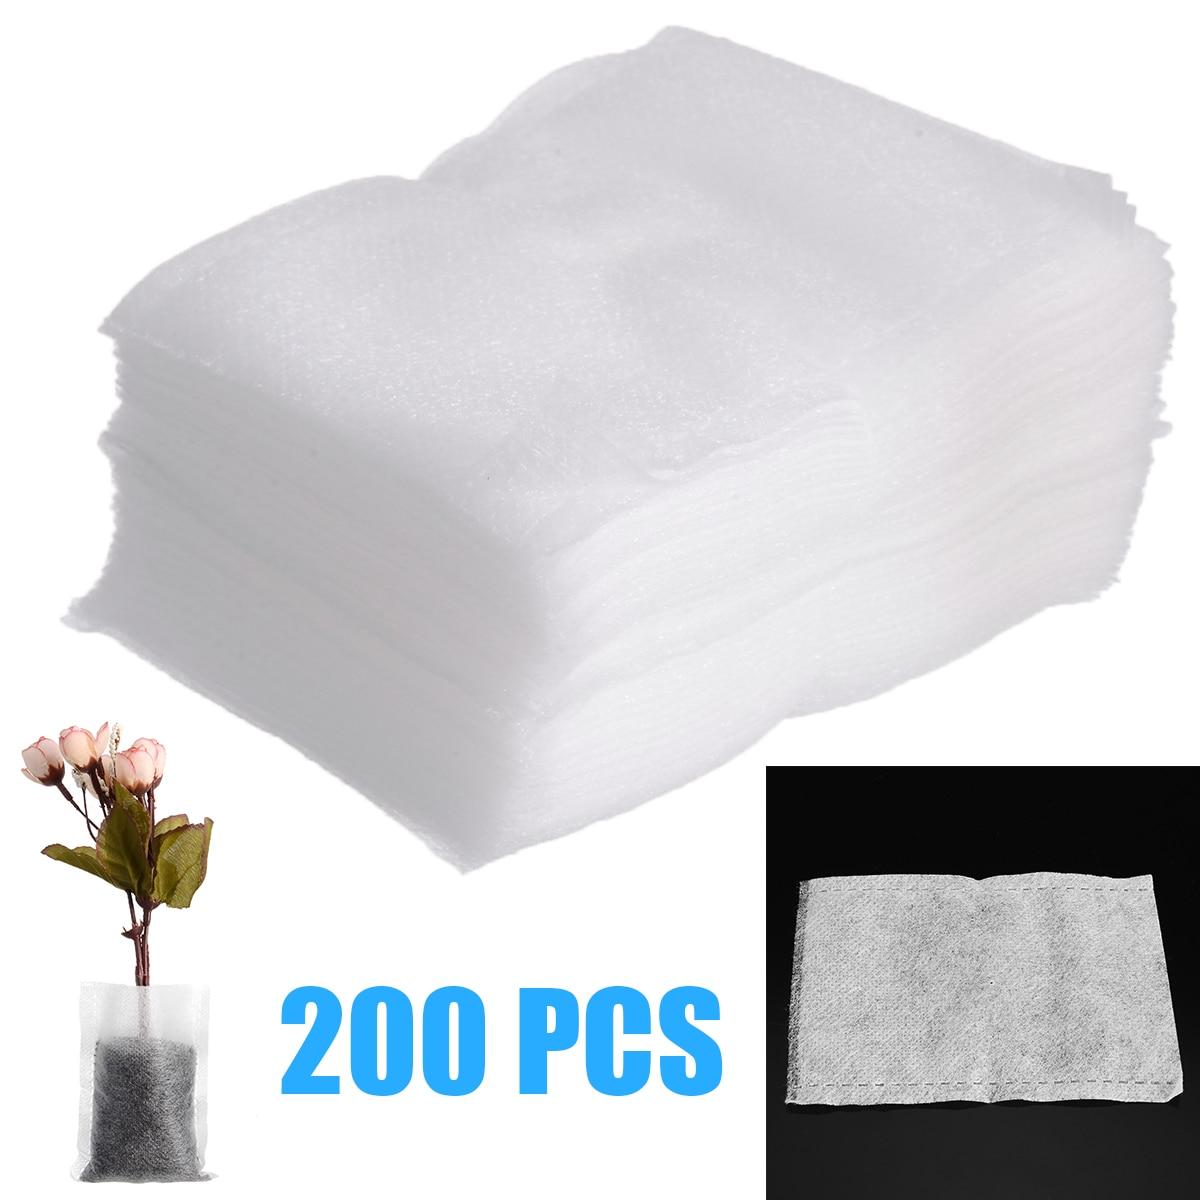 Sac de culture de plantes 200 pièces   Sacs de pépinière biodégradables Non tissés, sacs de culture de plantes, Pots de semis